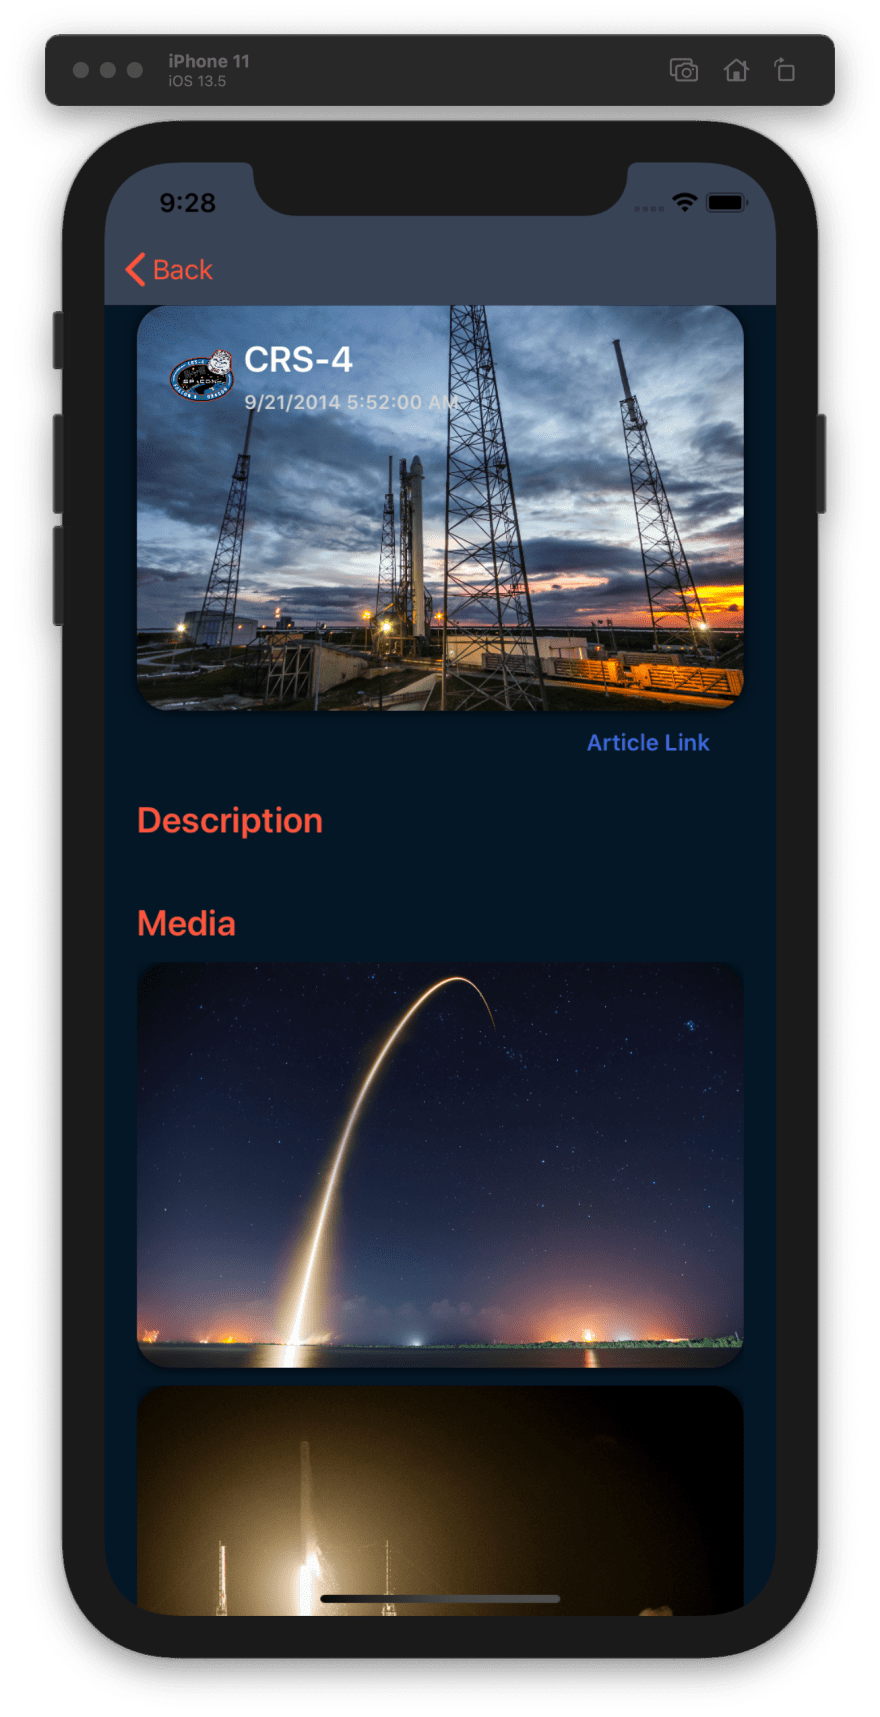 Launch details